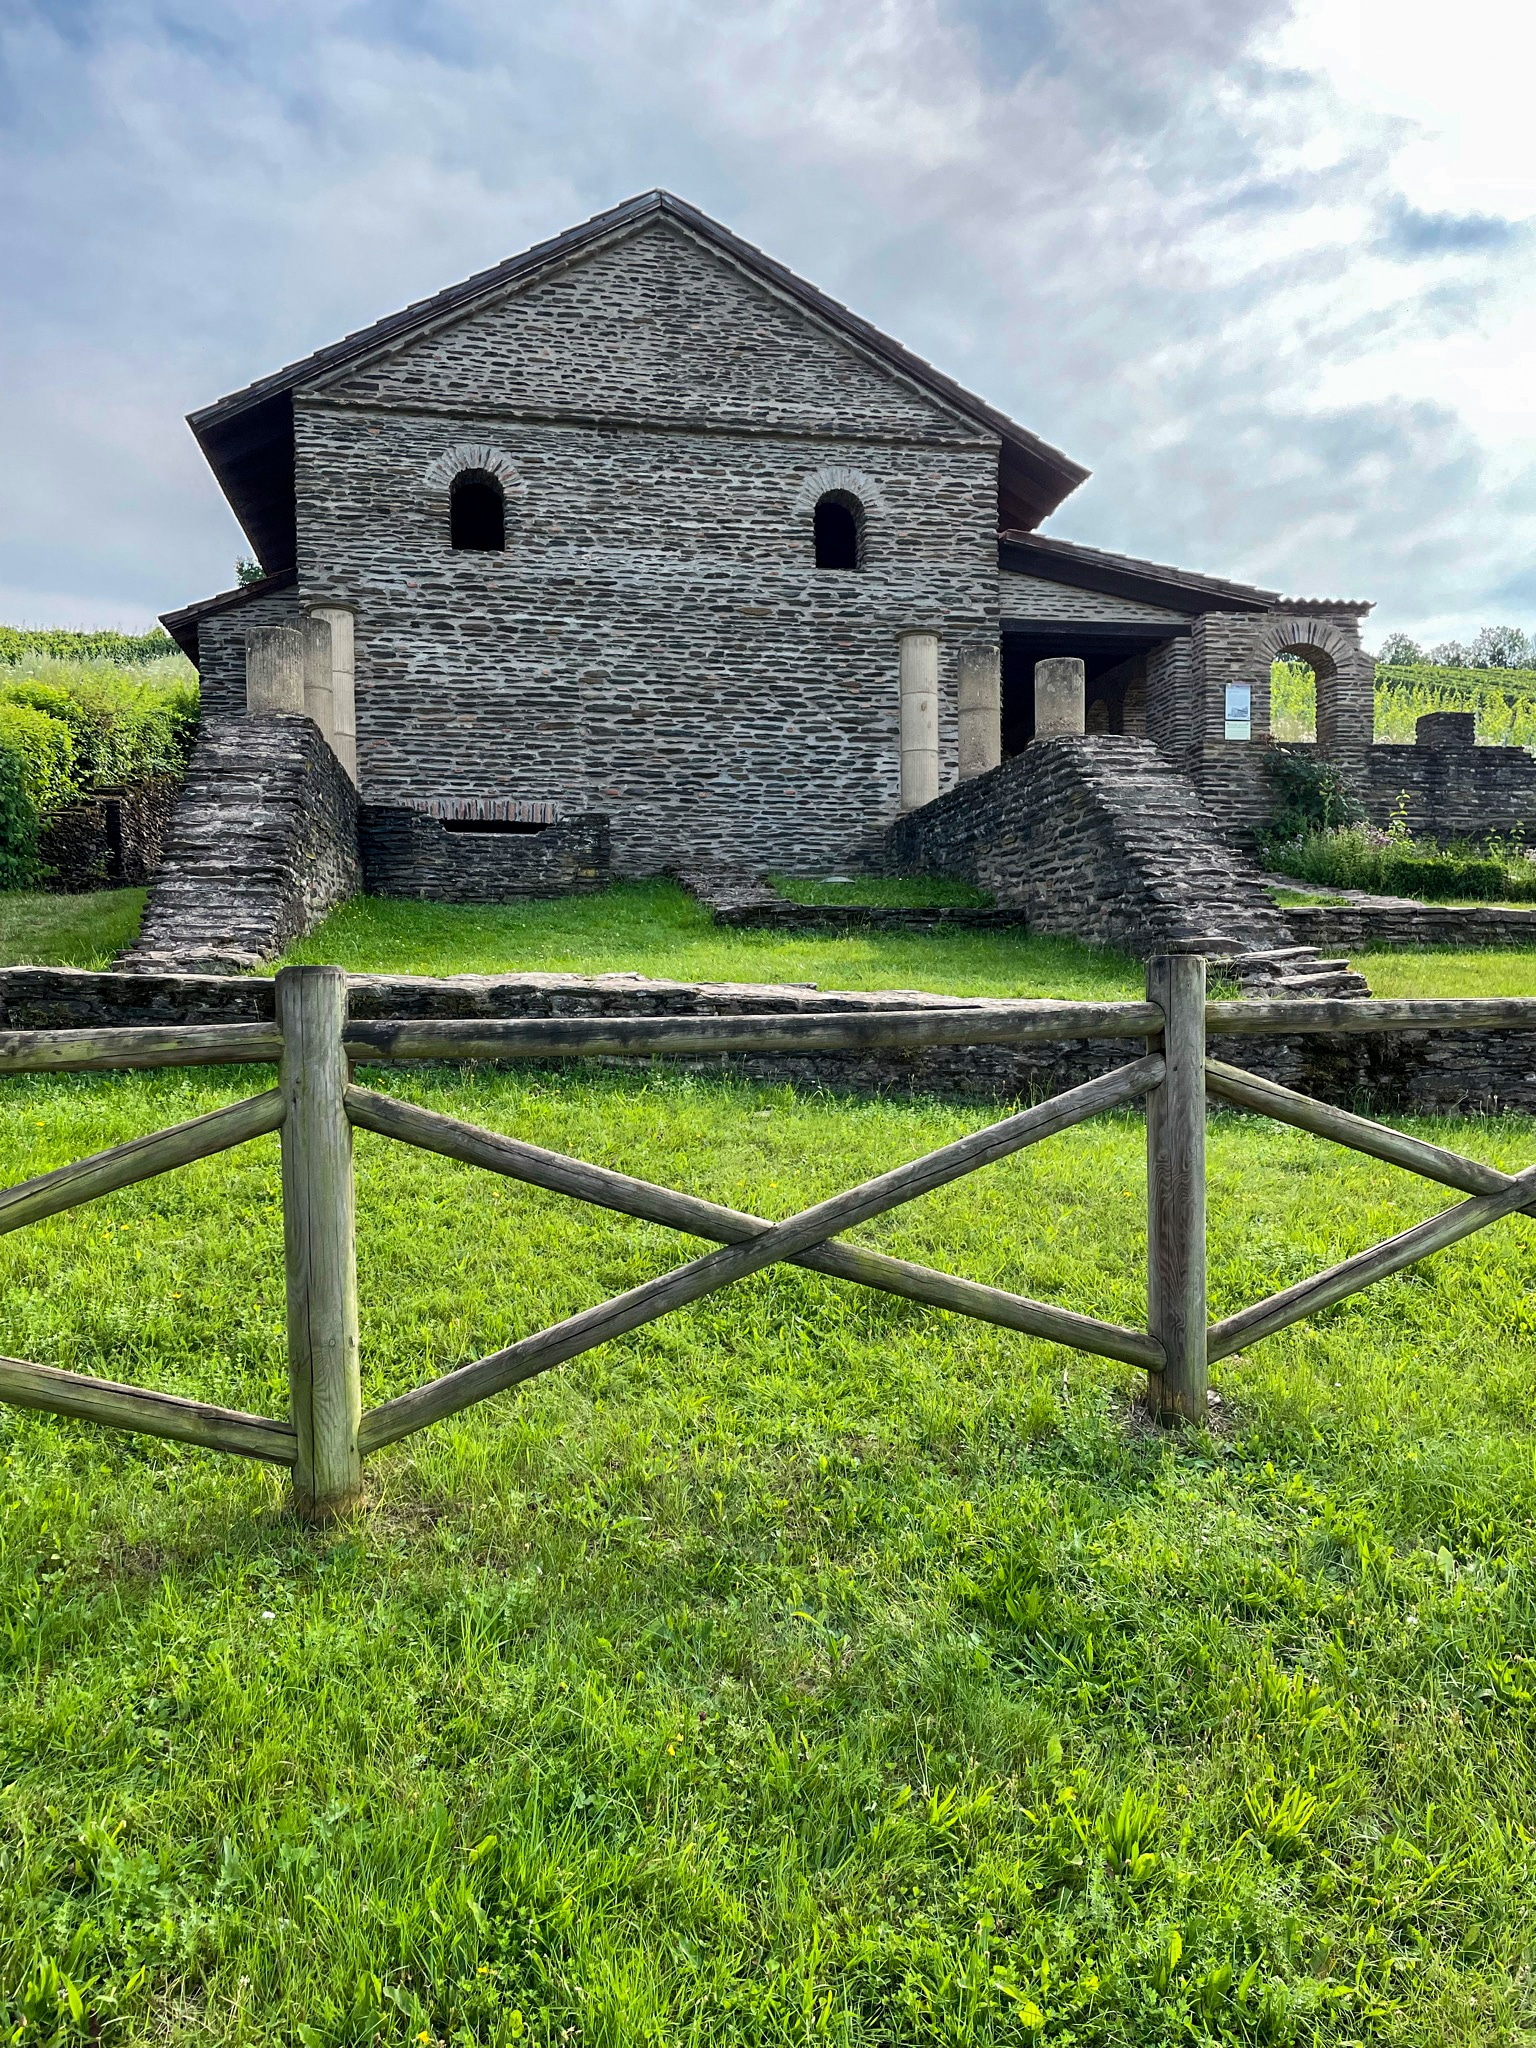 Frontaler Blick auf eine römische Landvilla, umgeben von grüner Wiese.